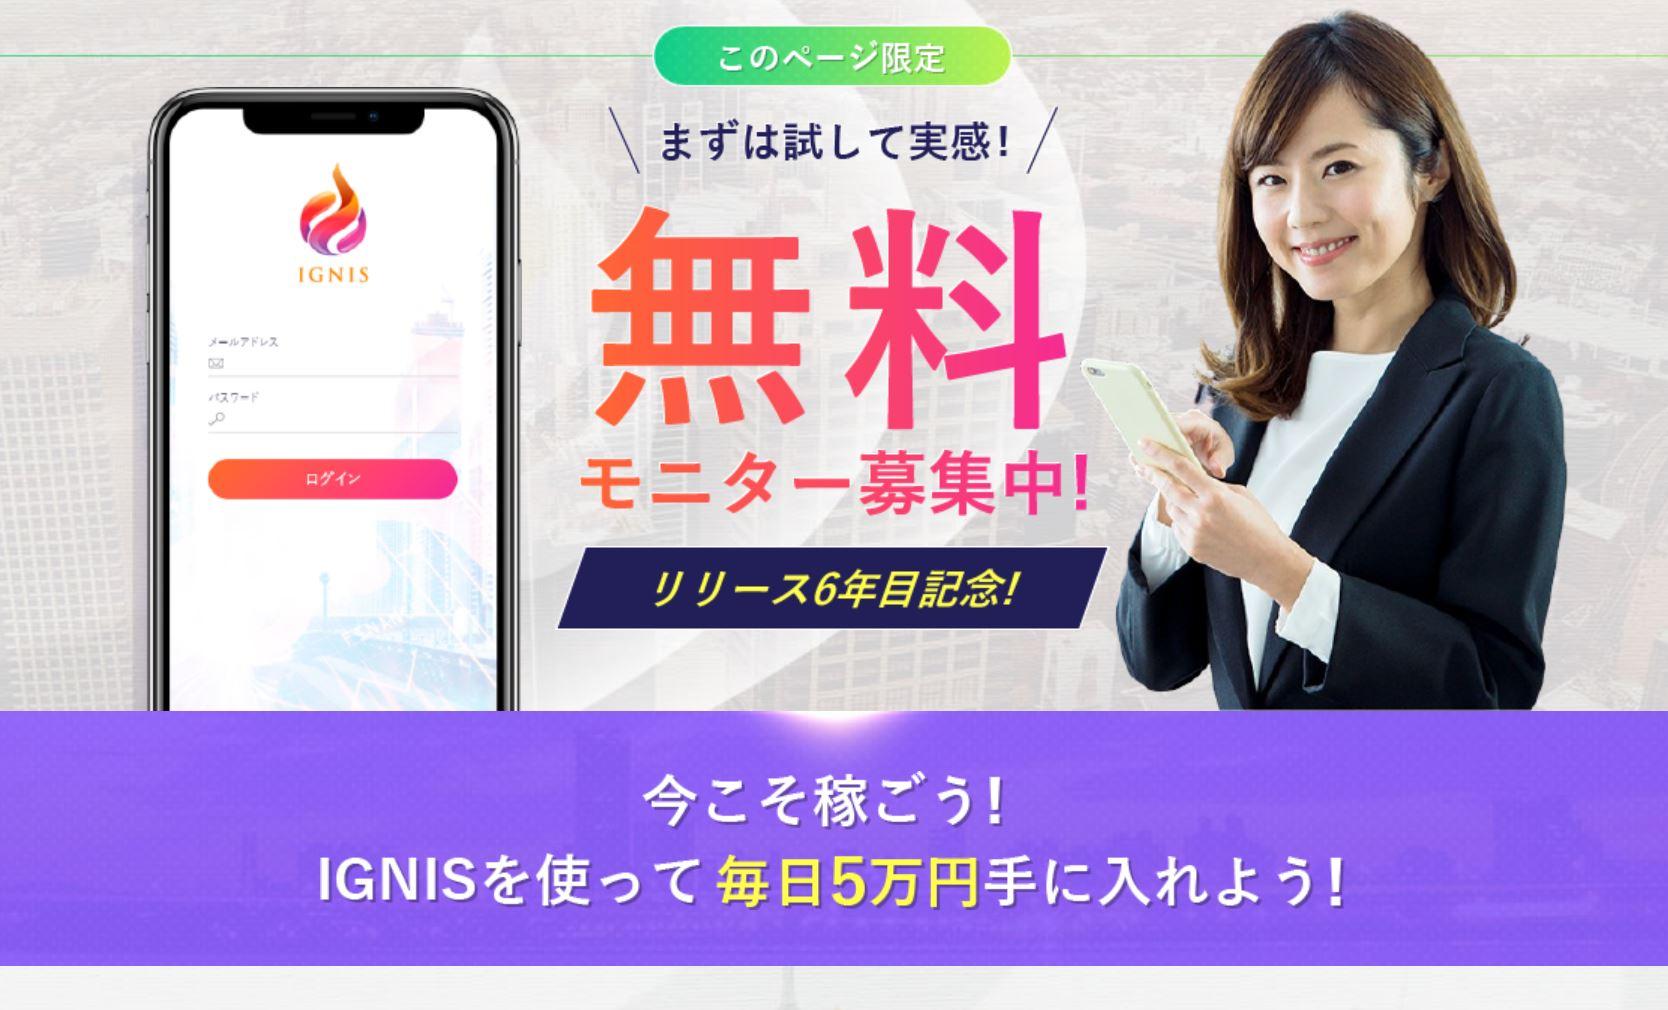 川上空 IGNISで毎日5万円に騙されたるな稼げない可能性大。副業調査